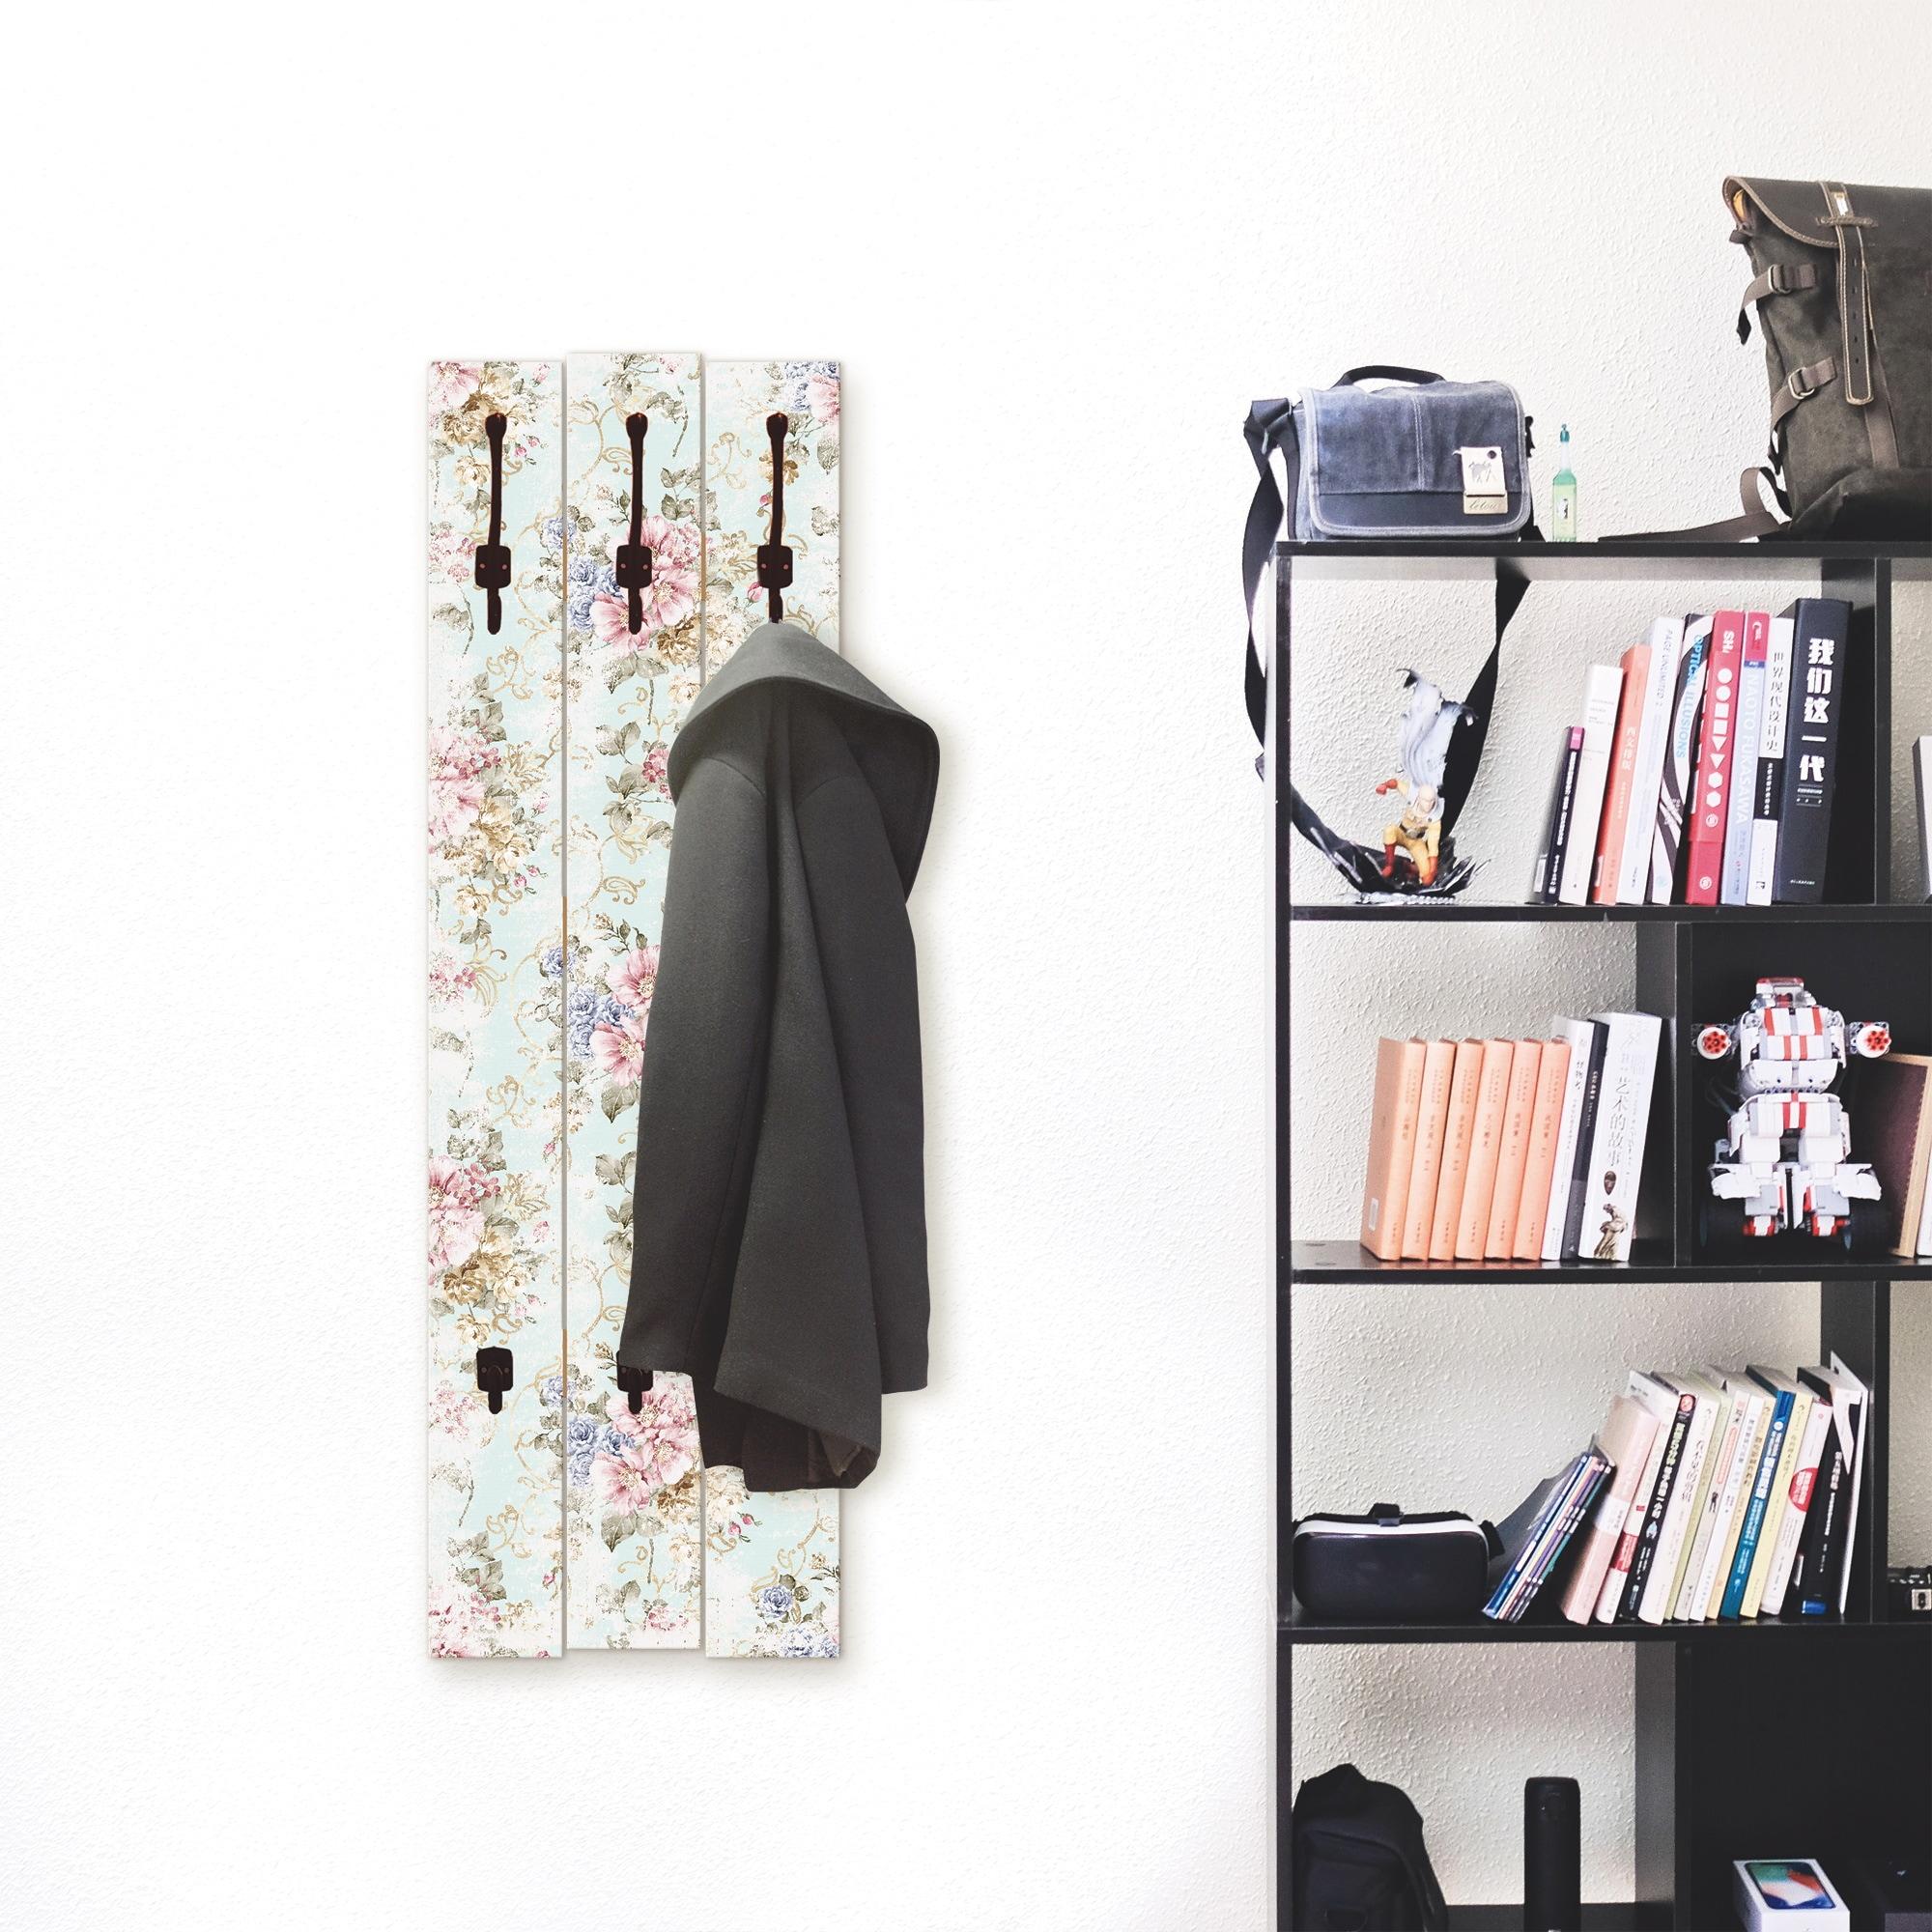 Image of Artland Garderobenpaneel »Blumen mit nahtlosem Muster«, Garderobe mit 3 grossen und 2 kleinen Haken